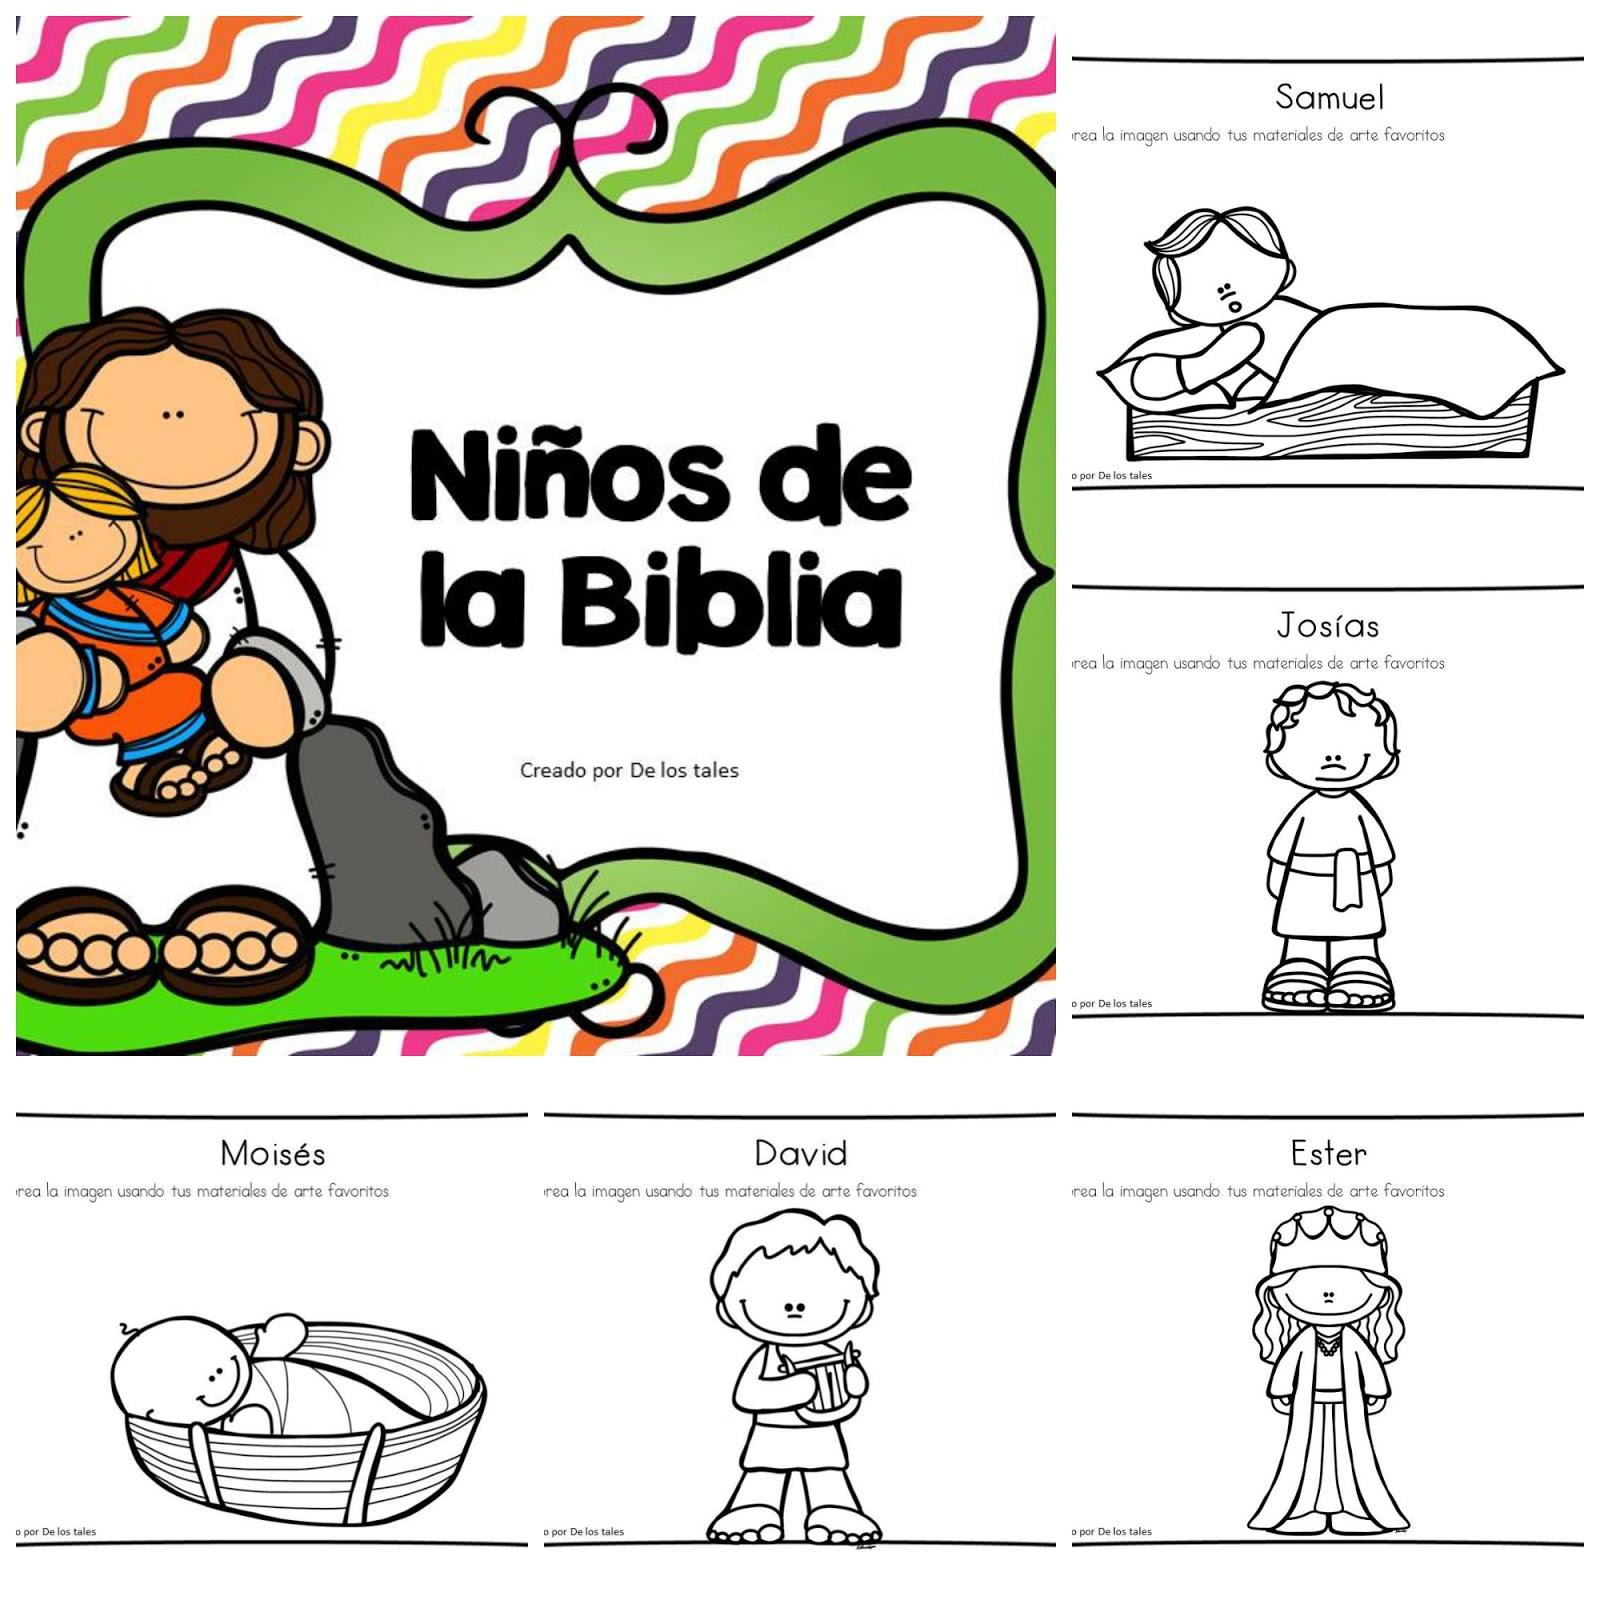 Niños de la Biblia - De los tales